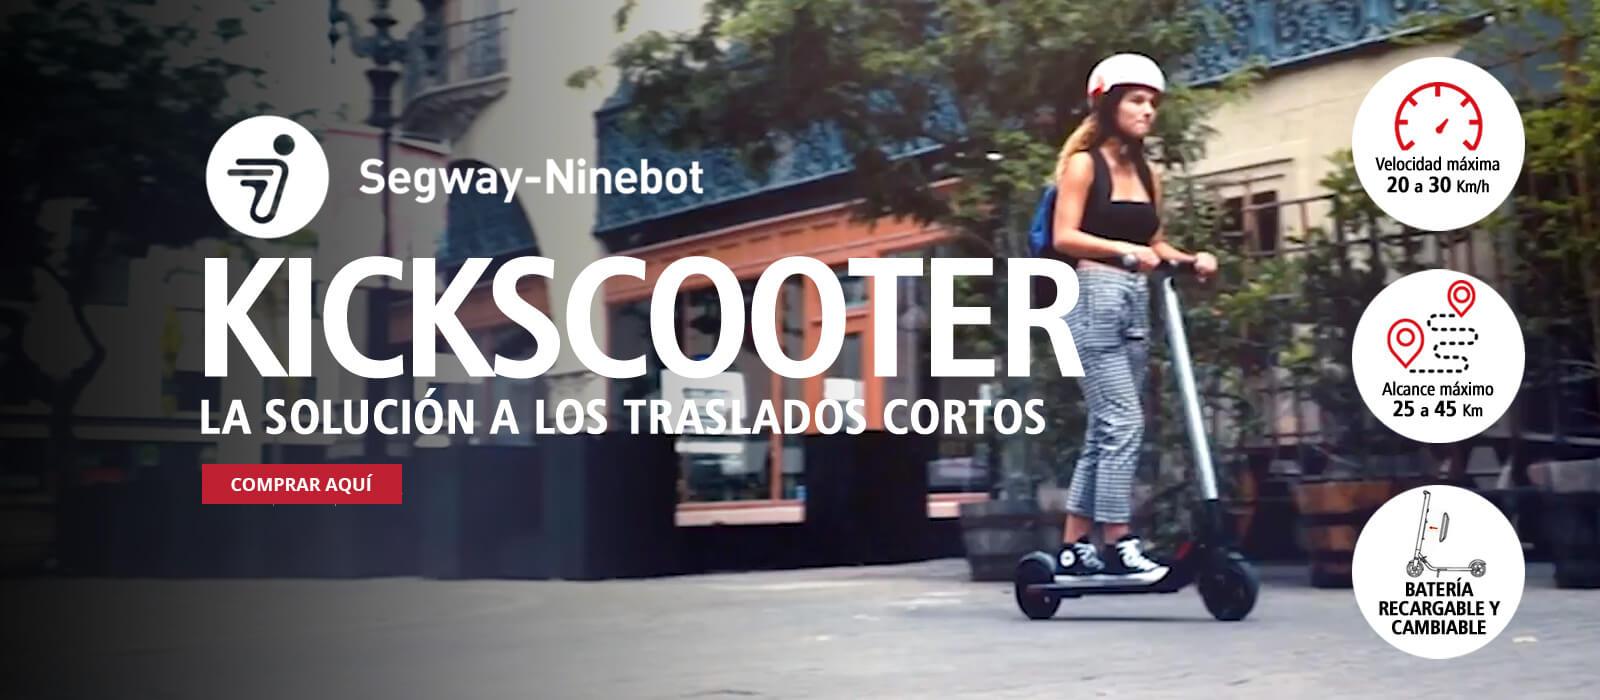 Perubikeshop - Segway-Ninebot Kickscooter - La solucion a los traslados cortos